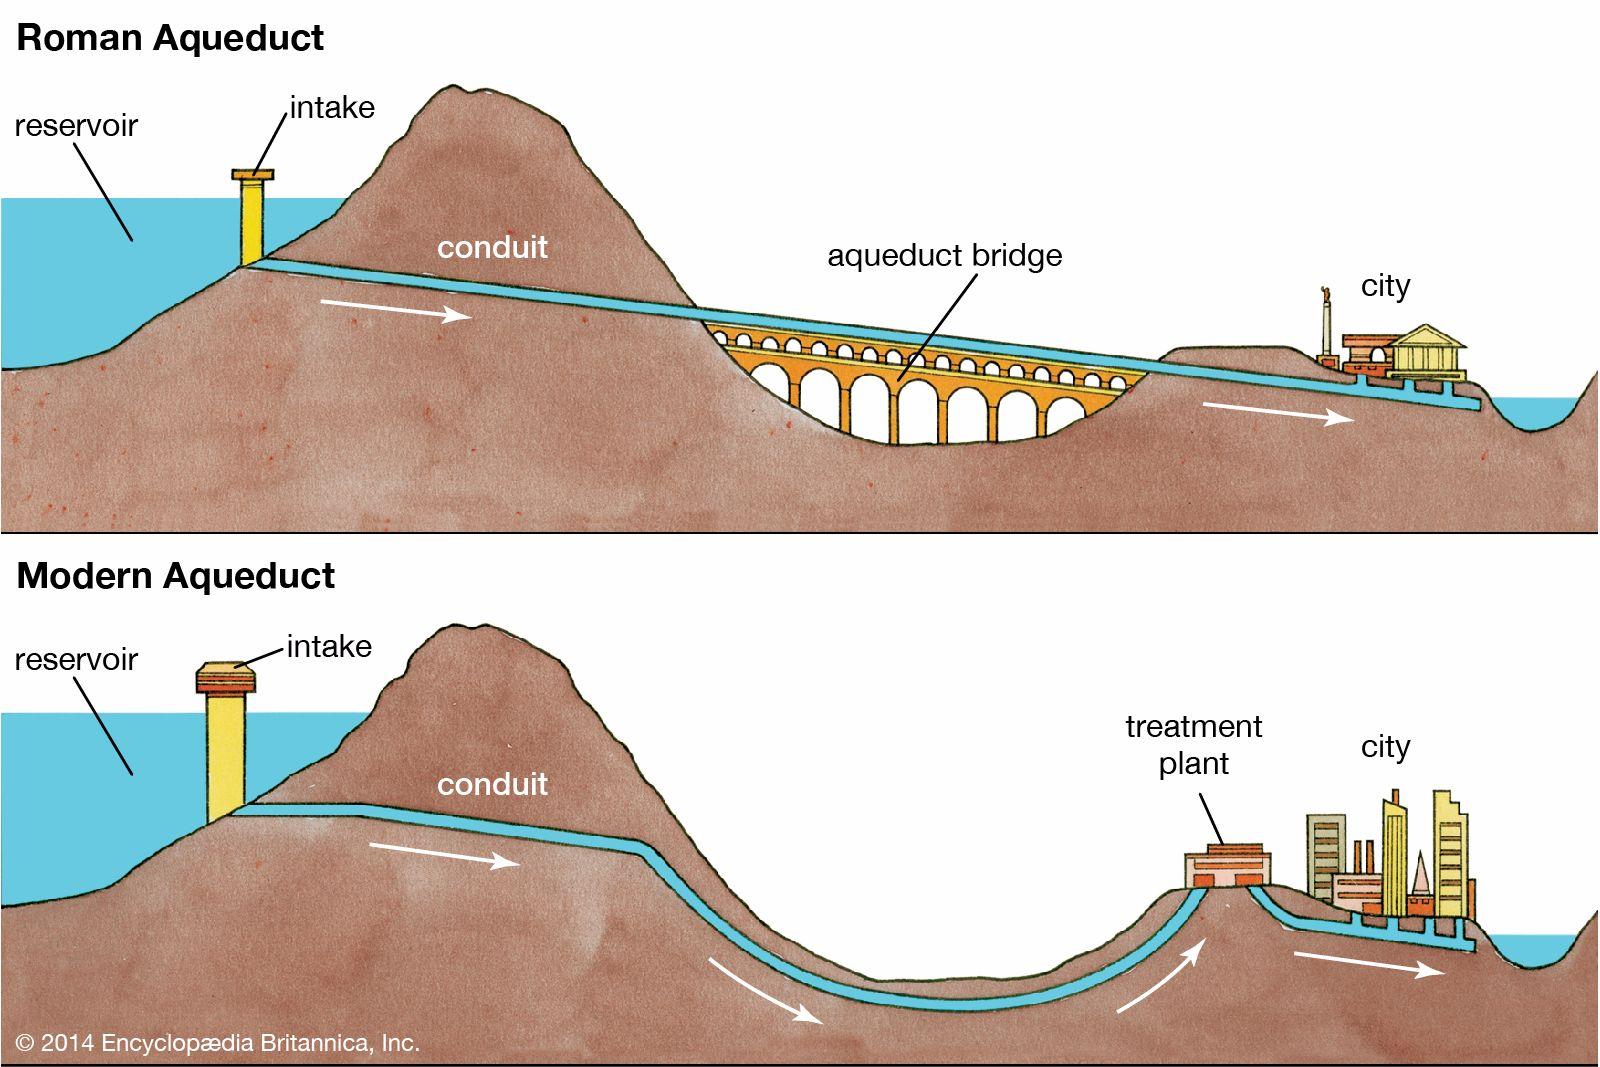 Ancient Roman vs Modern Aqueduct